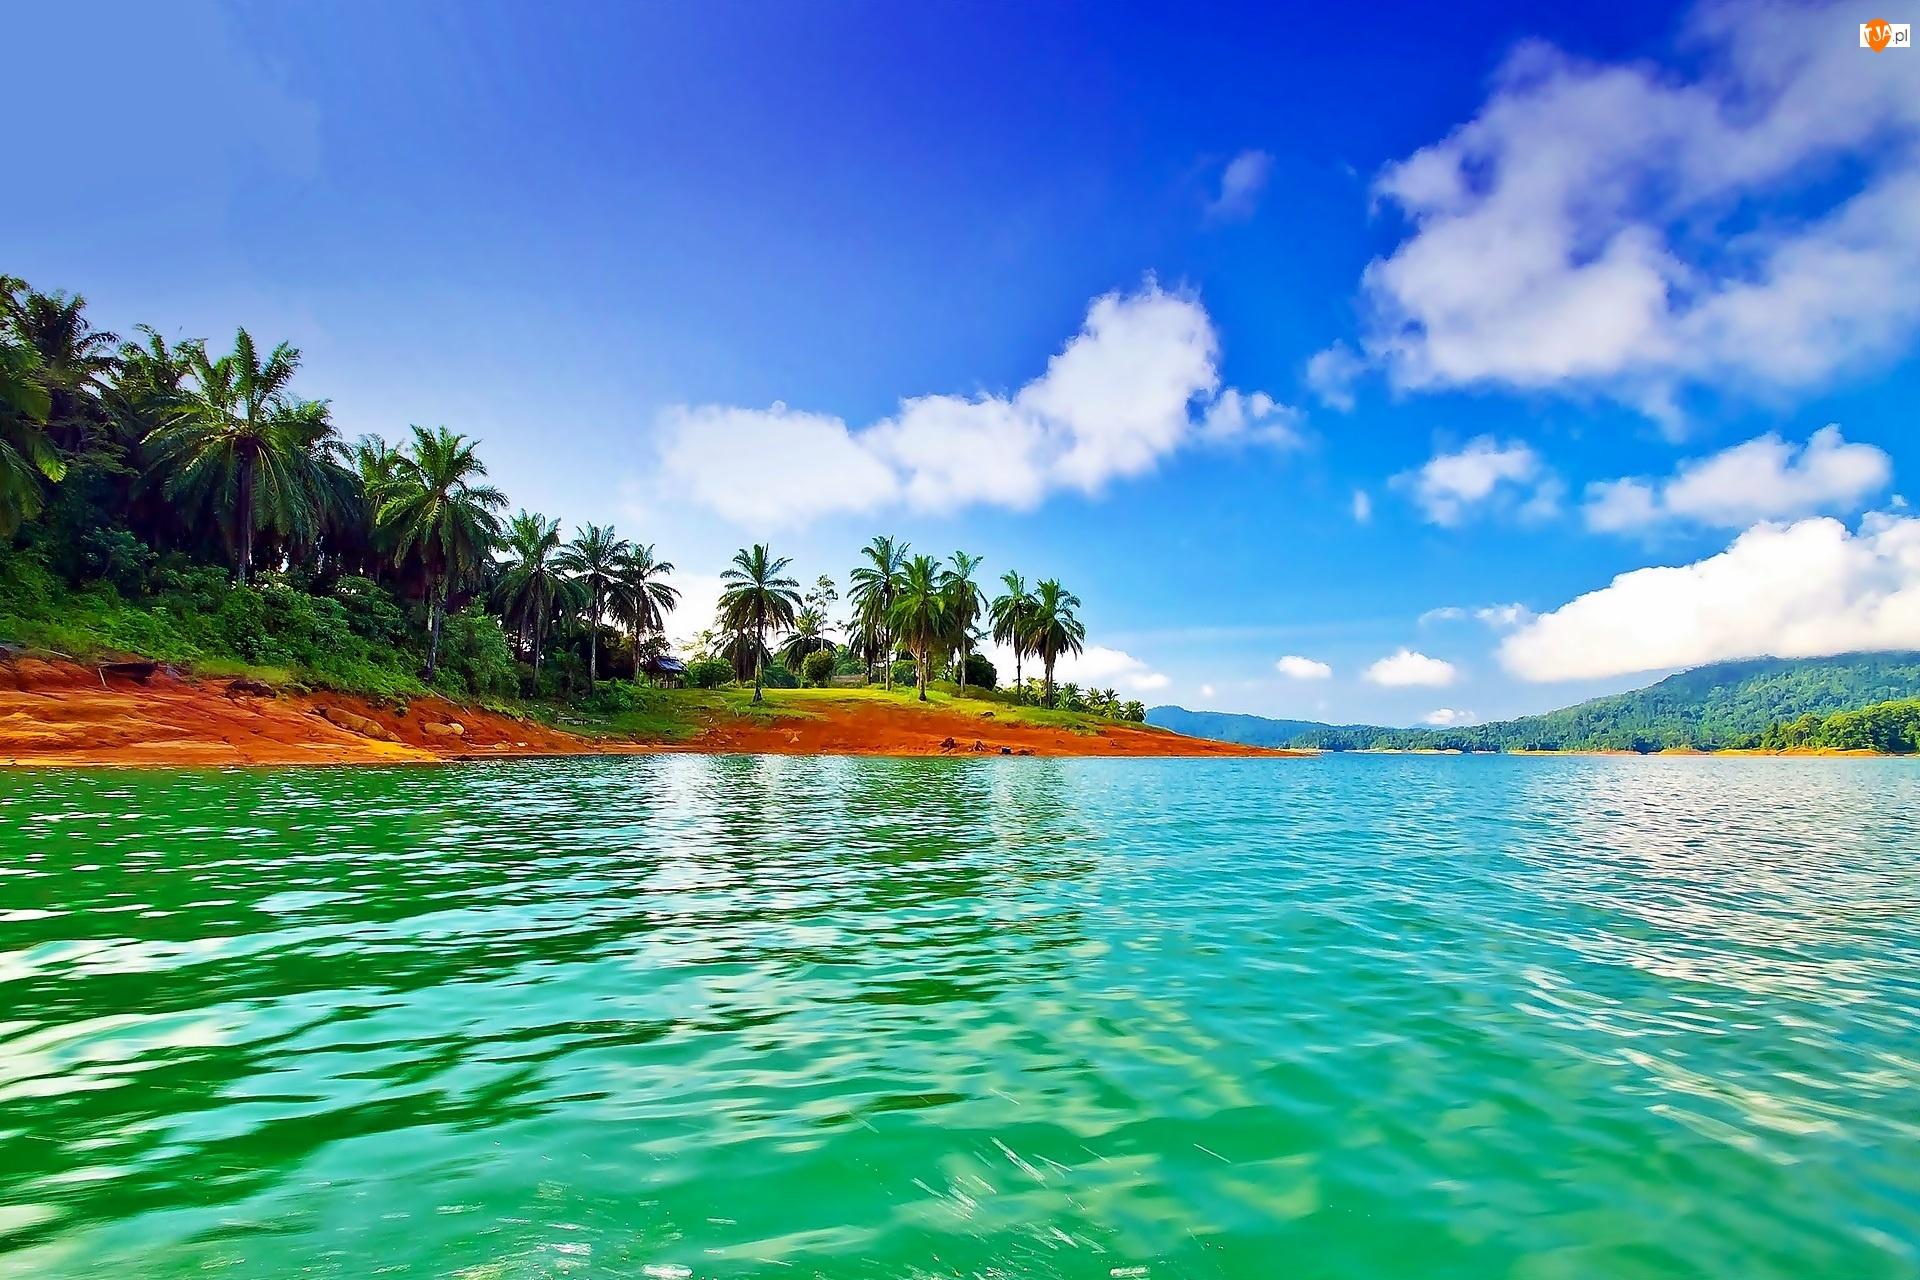 Morze, Tropiki, Wybrzeże, Palmy